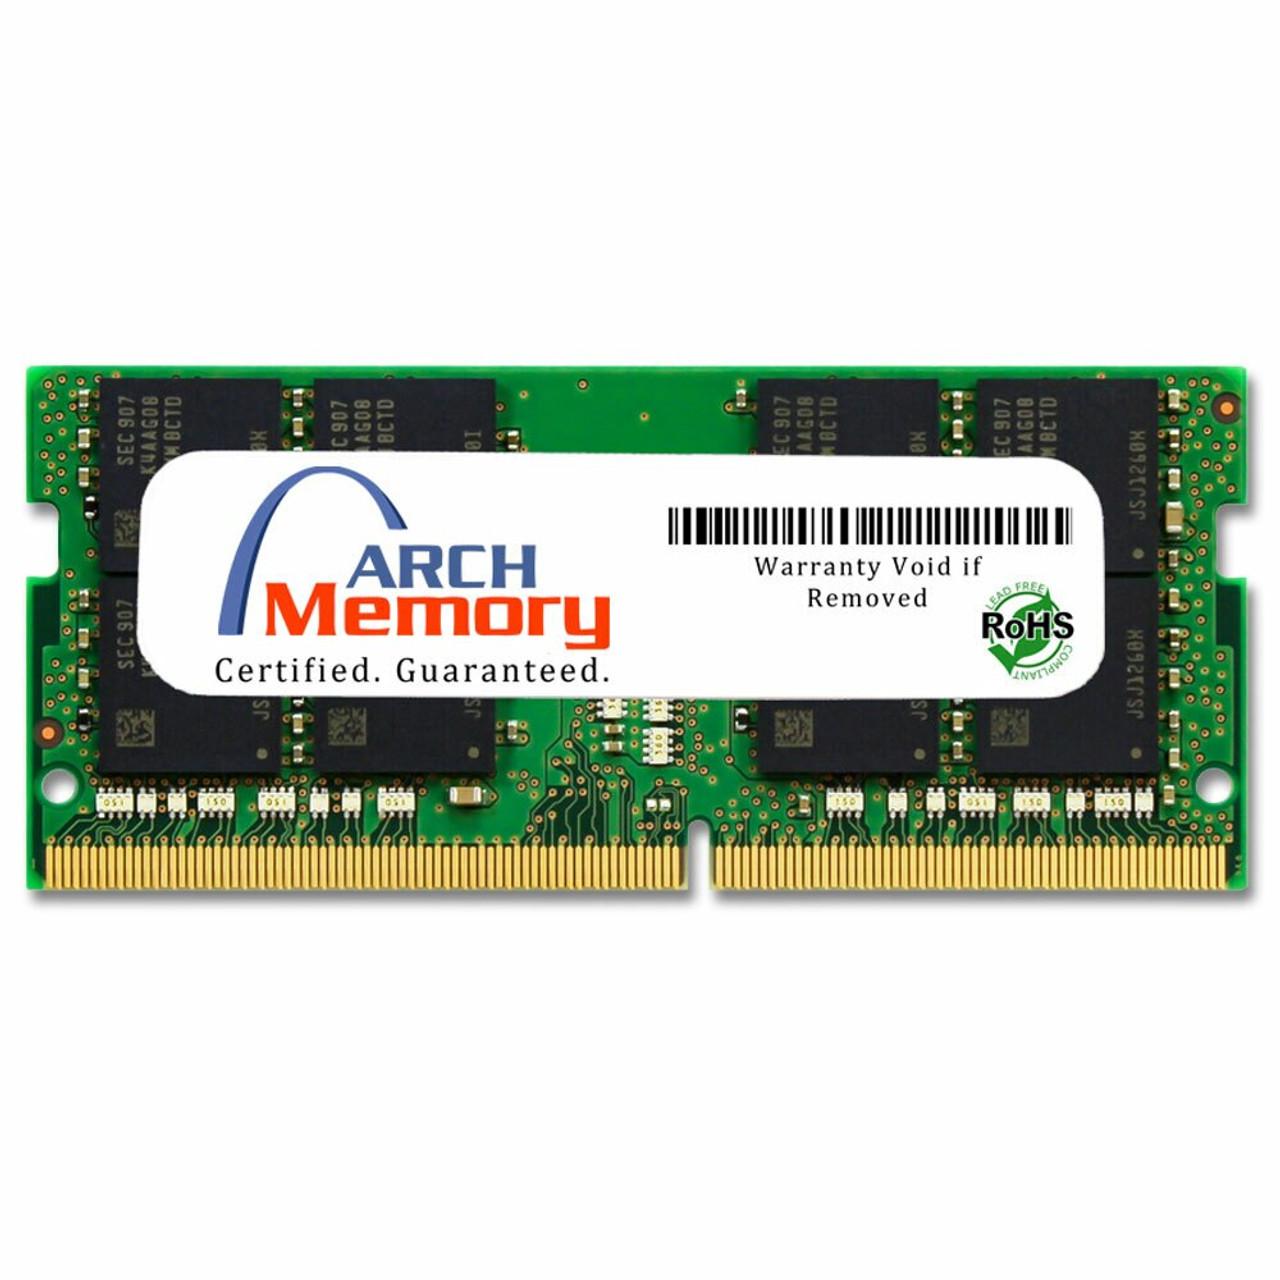 16GB 260-Pin DDR4-2933 PC4-23466 Sodimm RAM